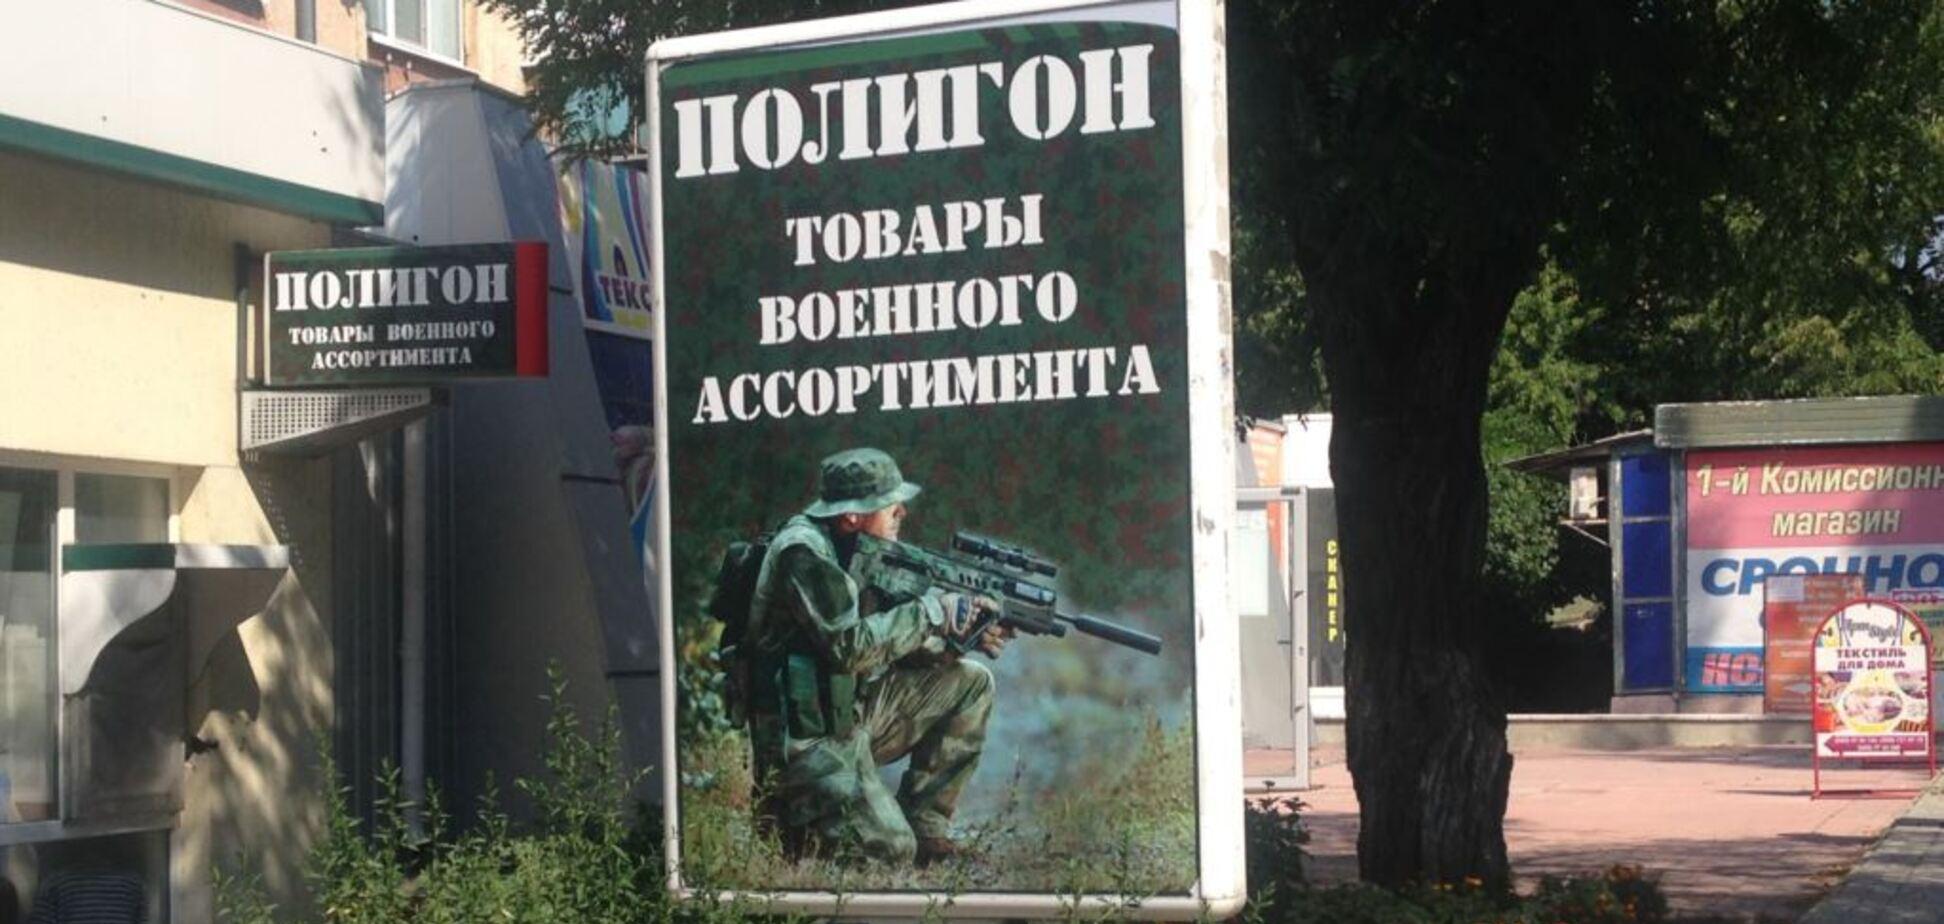 'Отжатые' здания Луганска